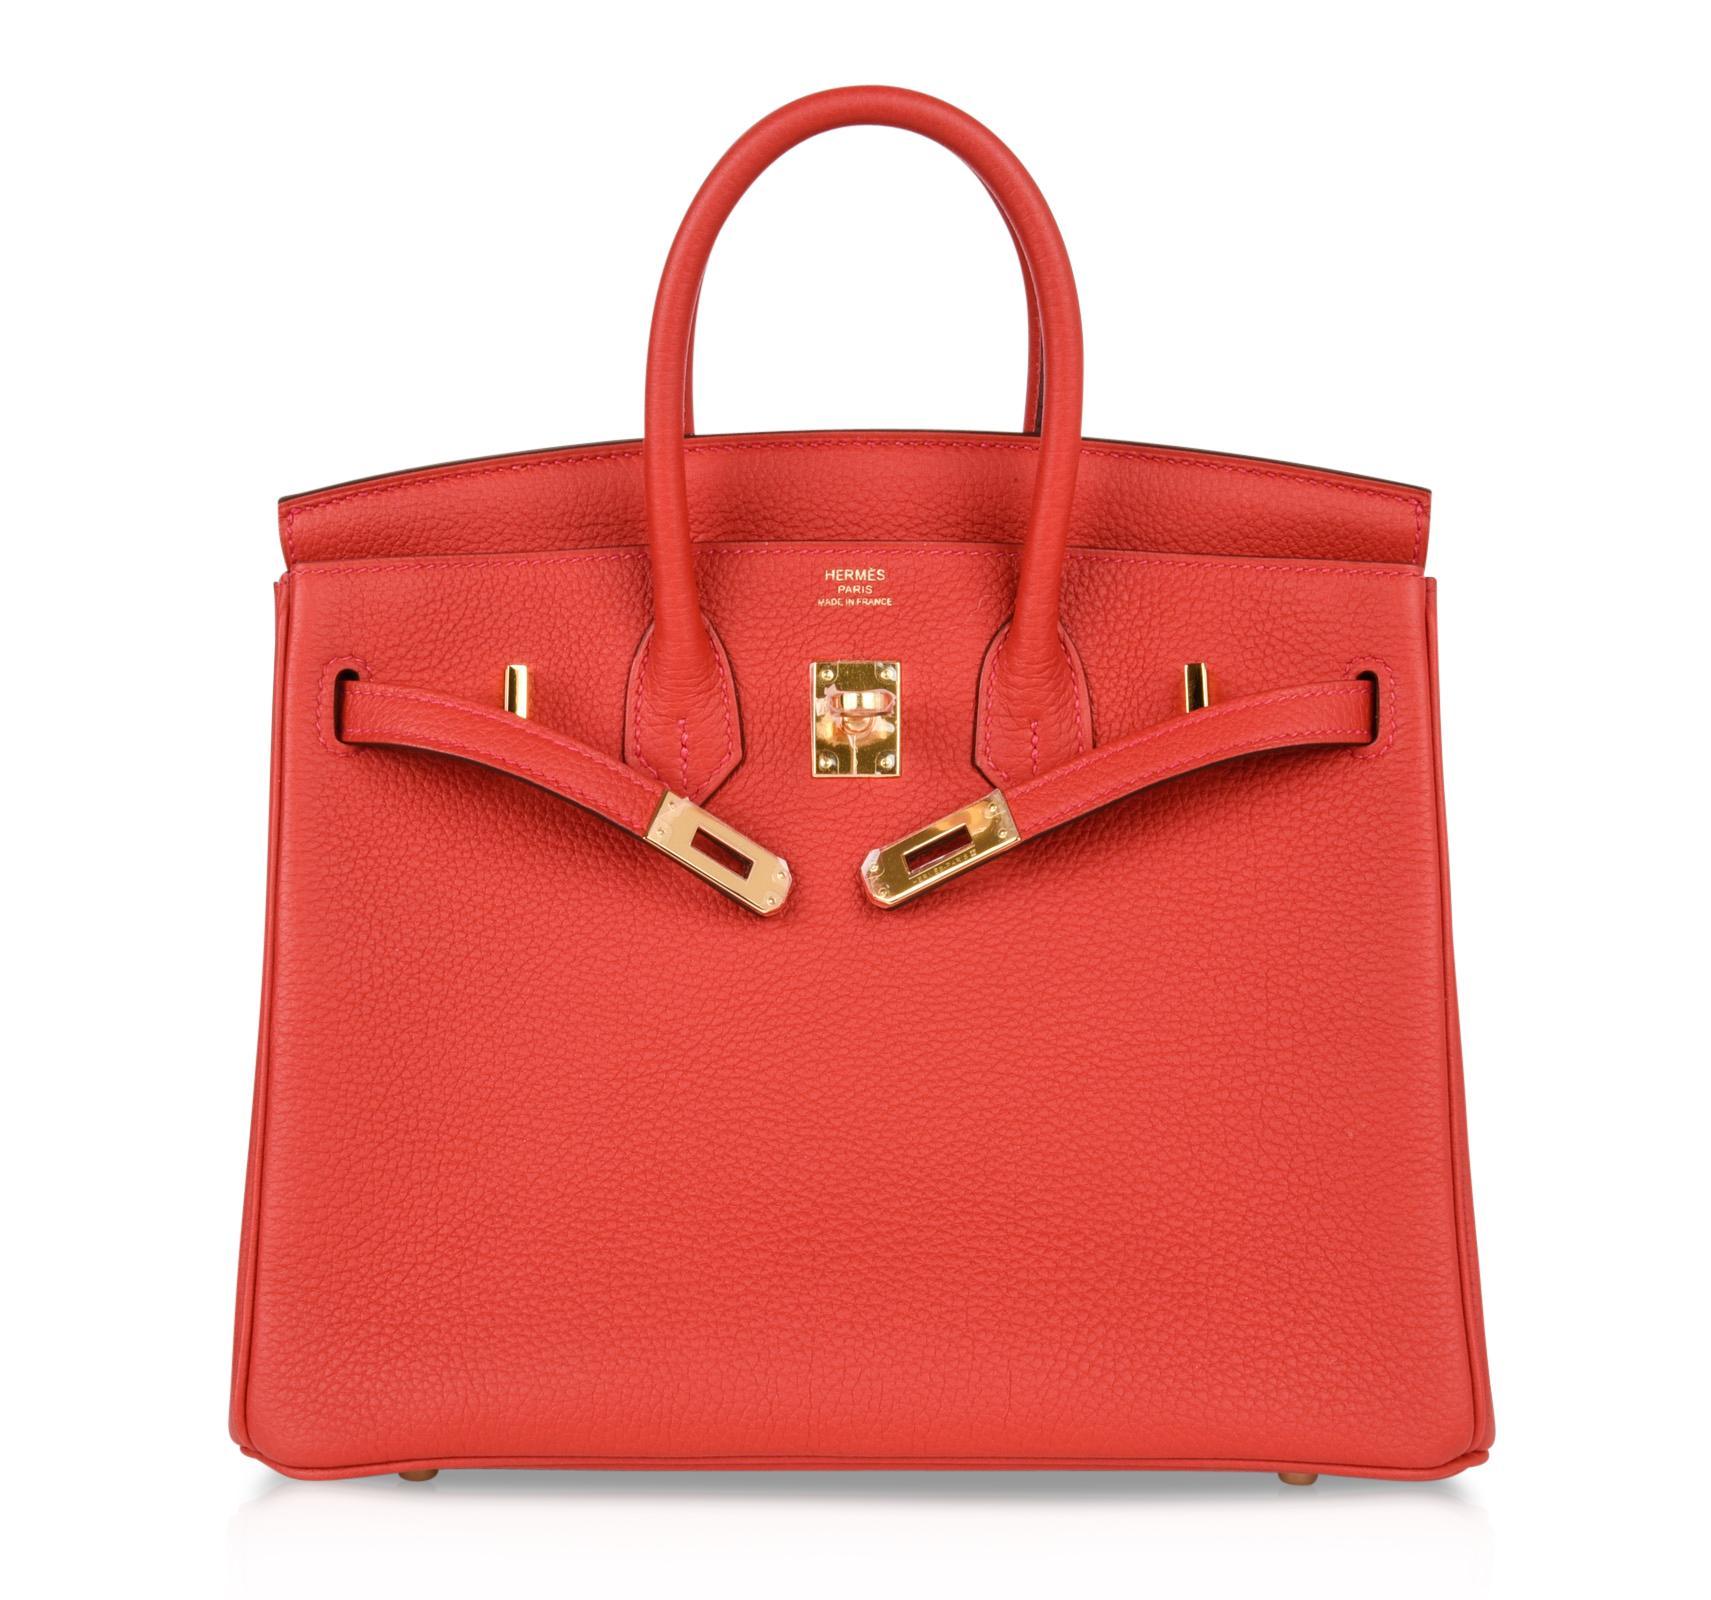 Hermes Birkin Bag 25 Geranium Red Gold Hardware Togo Leather For Sale at  1stdibs f2e072ca7c772